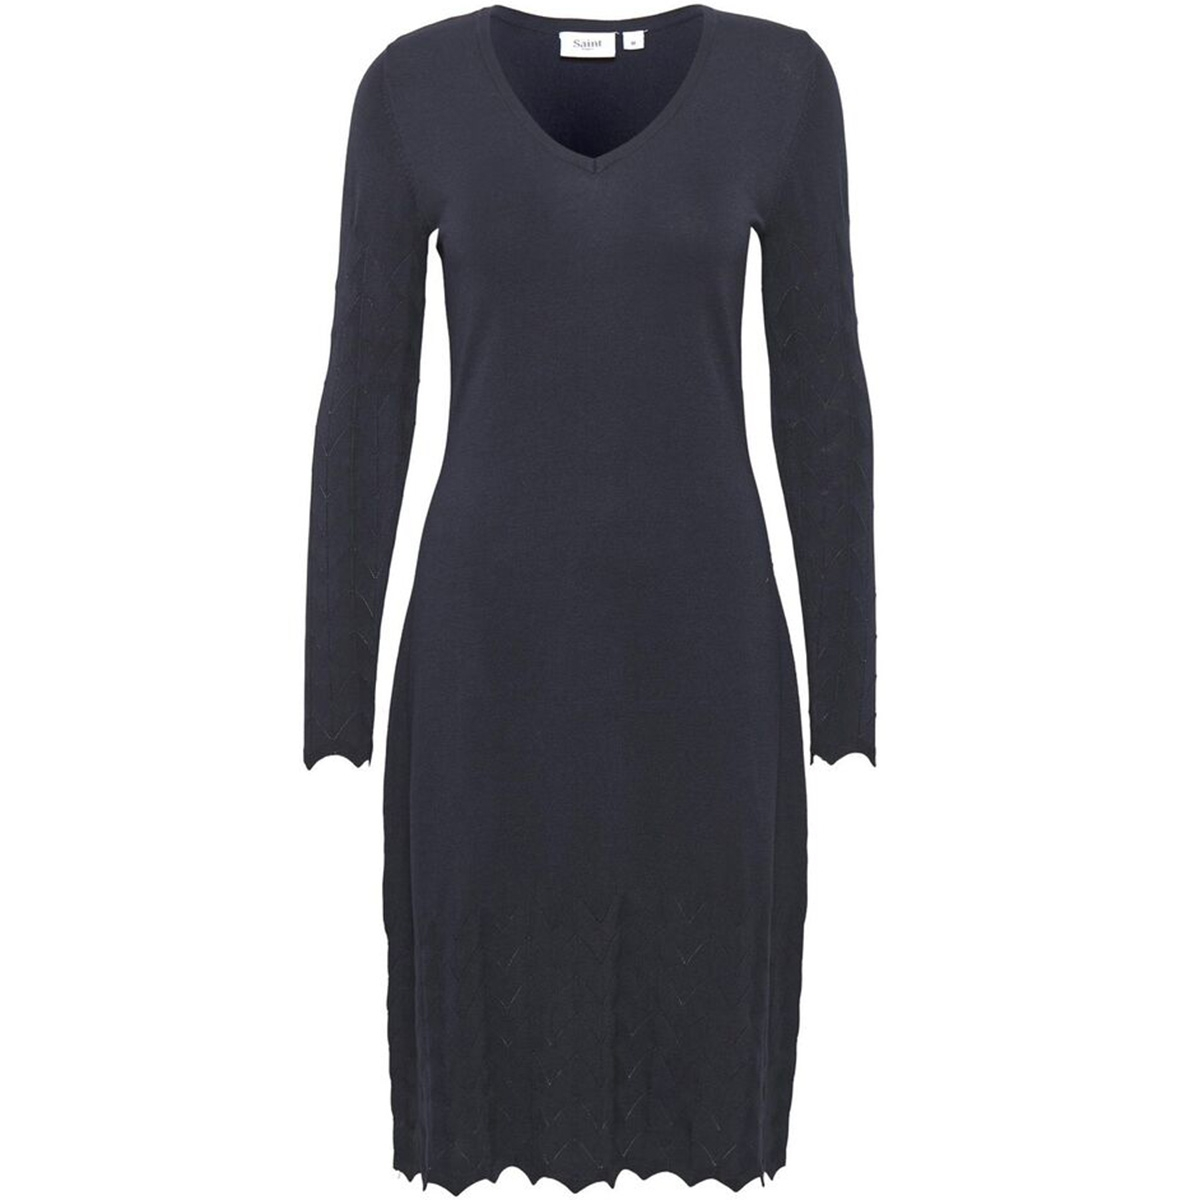 u6872  knitted dress w needle drop 30501698 saint tropez jurk 9069 bl deep